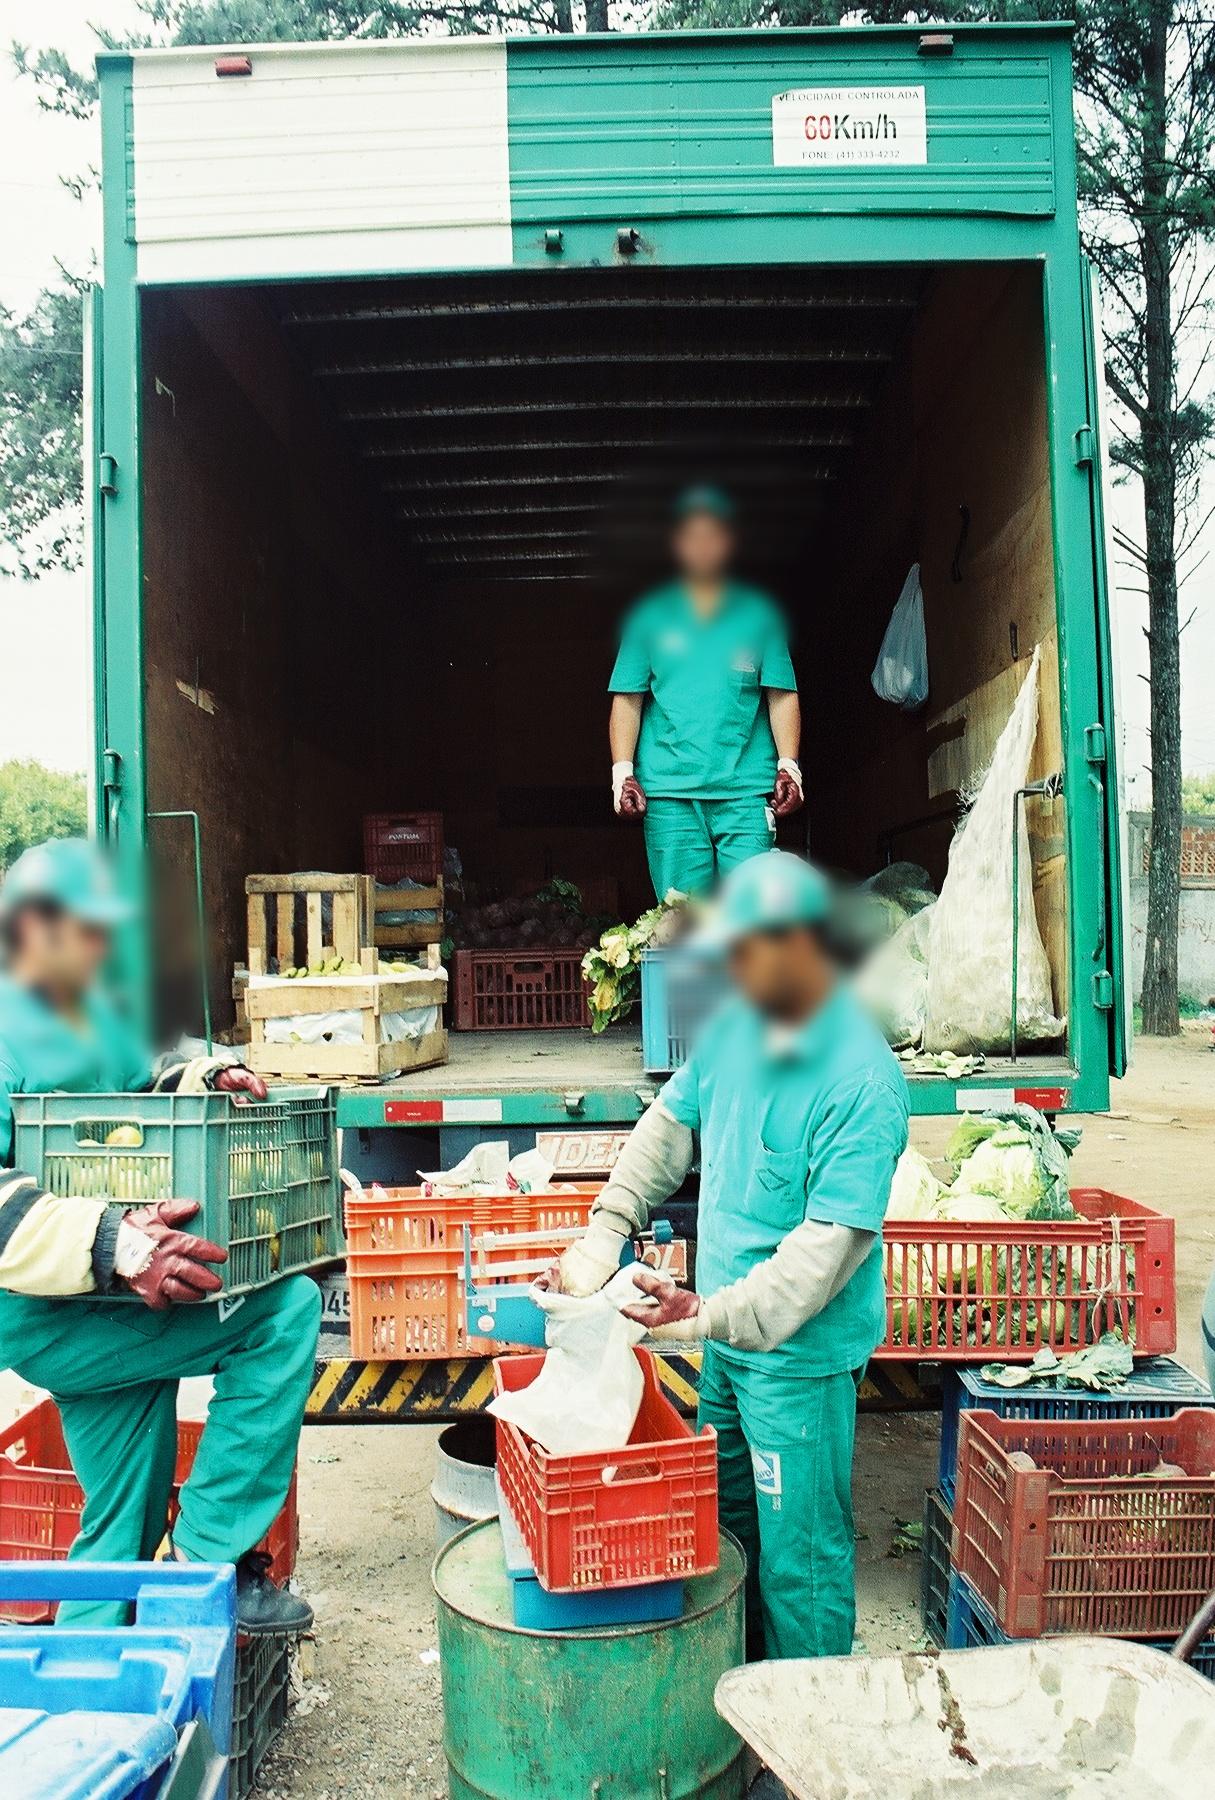 El programa de Cambio Verde beneficia a las personas de bajos recursos, ya que a cambio delreciclajeque recogen, les entregan frutas y vegetales.Foto:Pamy Rojas